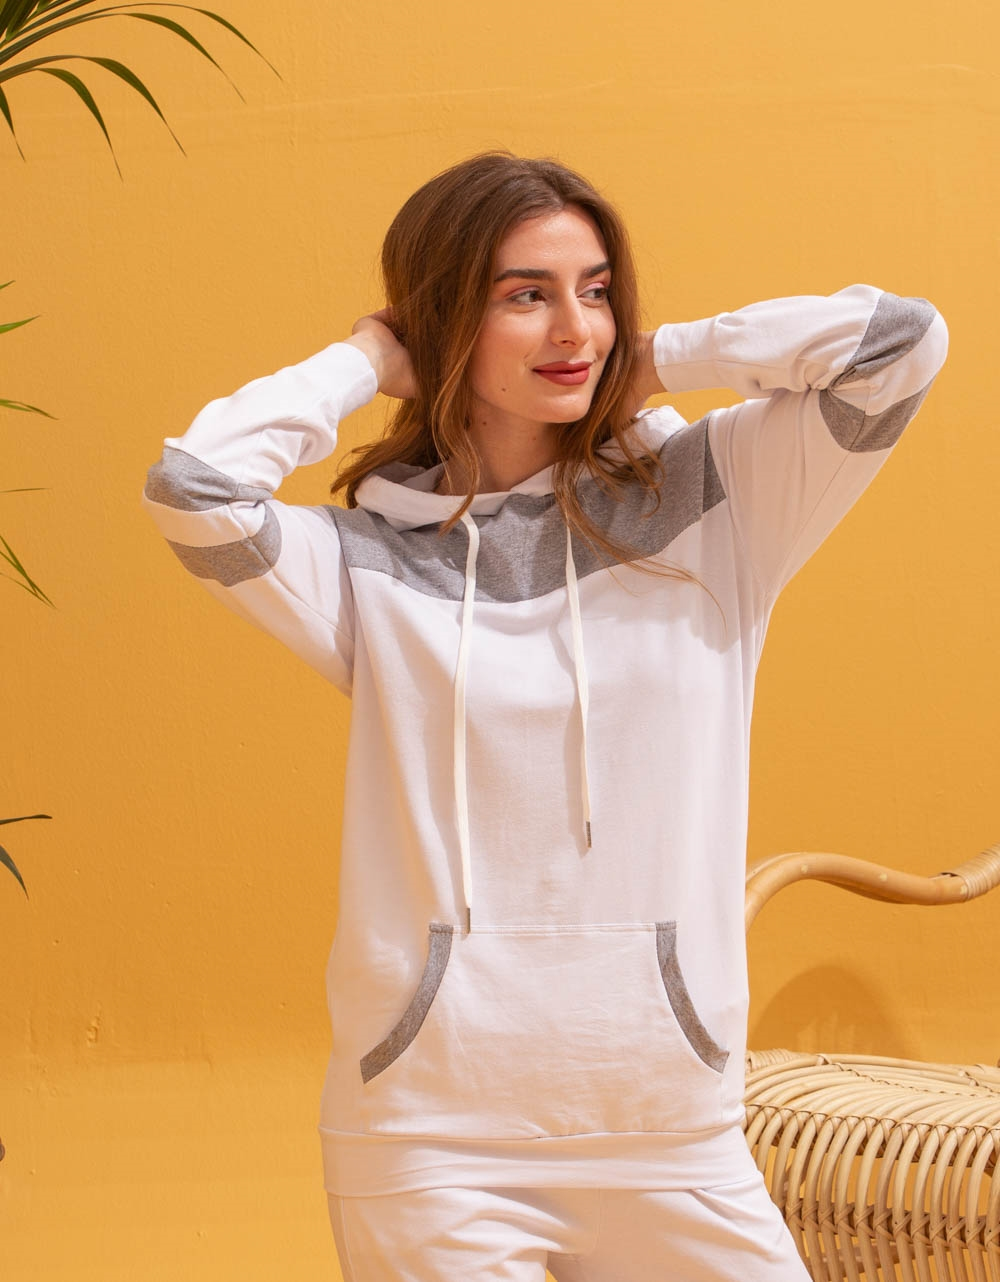 Εικόνα από  Γυναικεία σετ ρούχων παντελόνι & μπλουζάκι με δίχρωμη λεπτομέρεια Γκρι